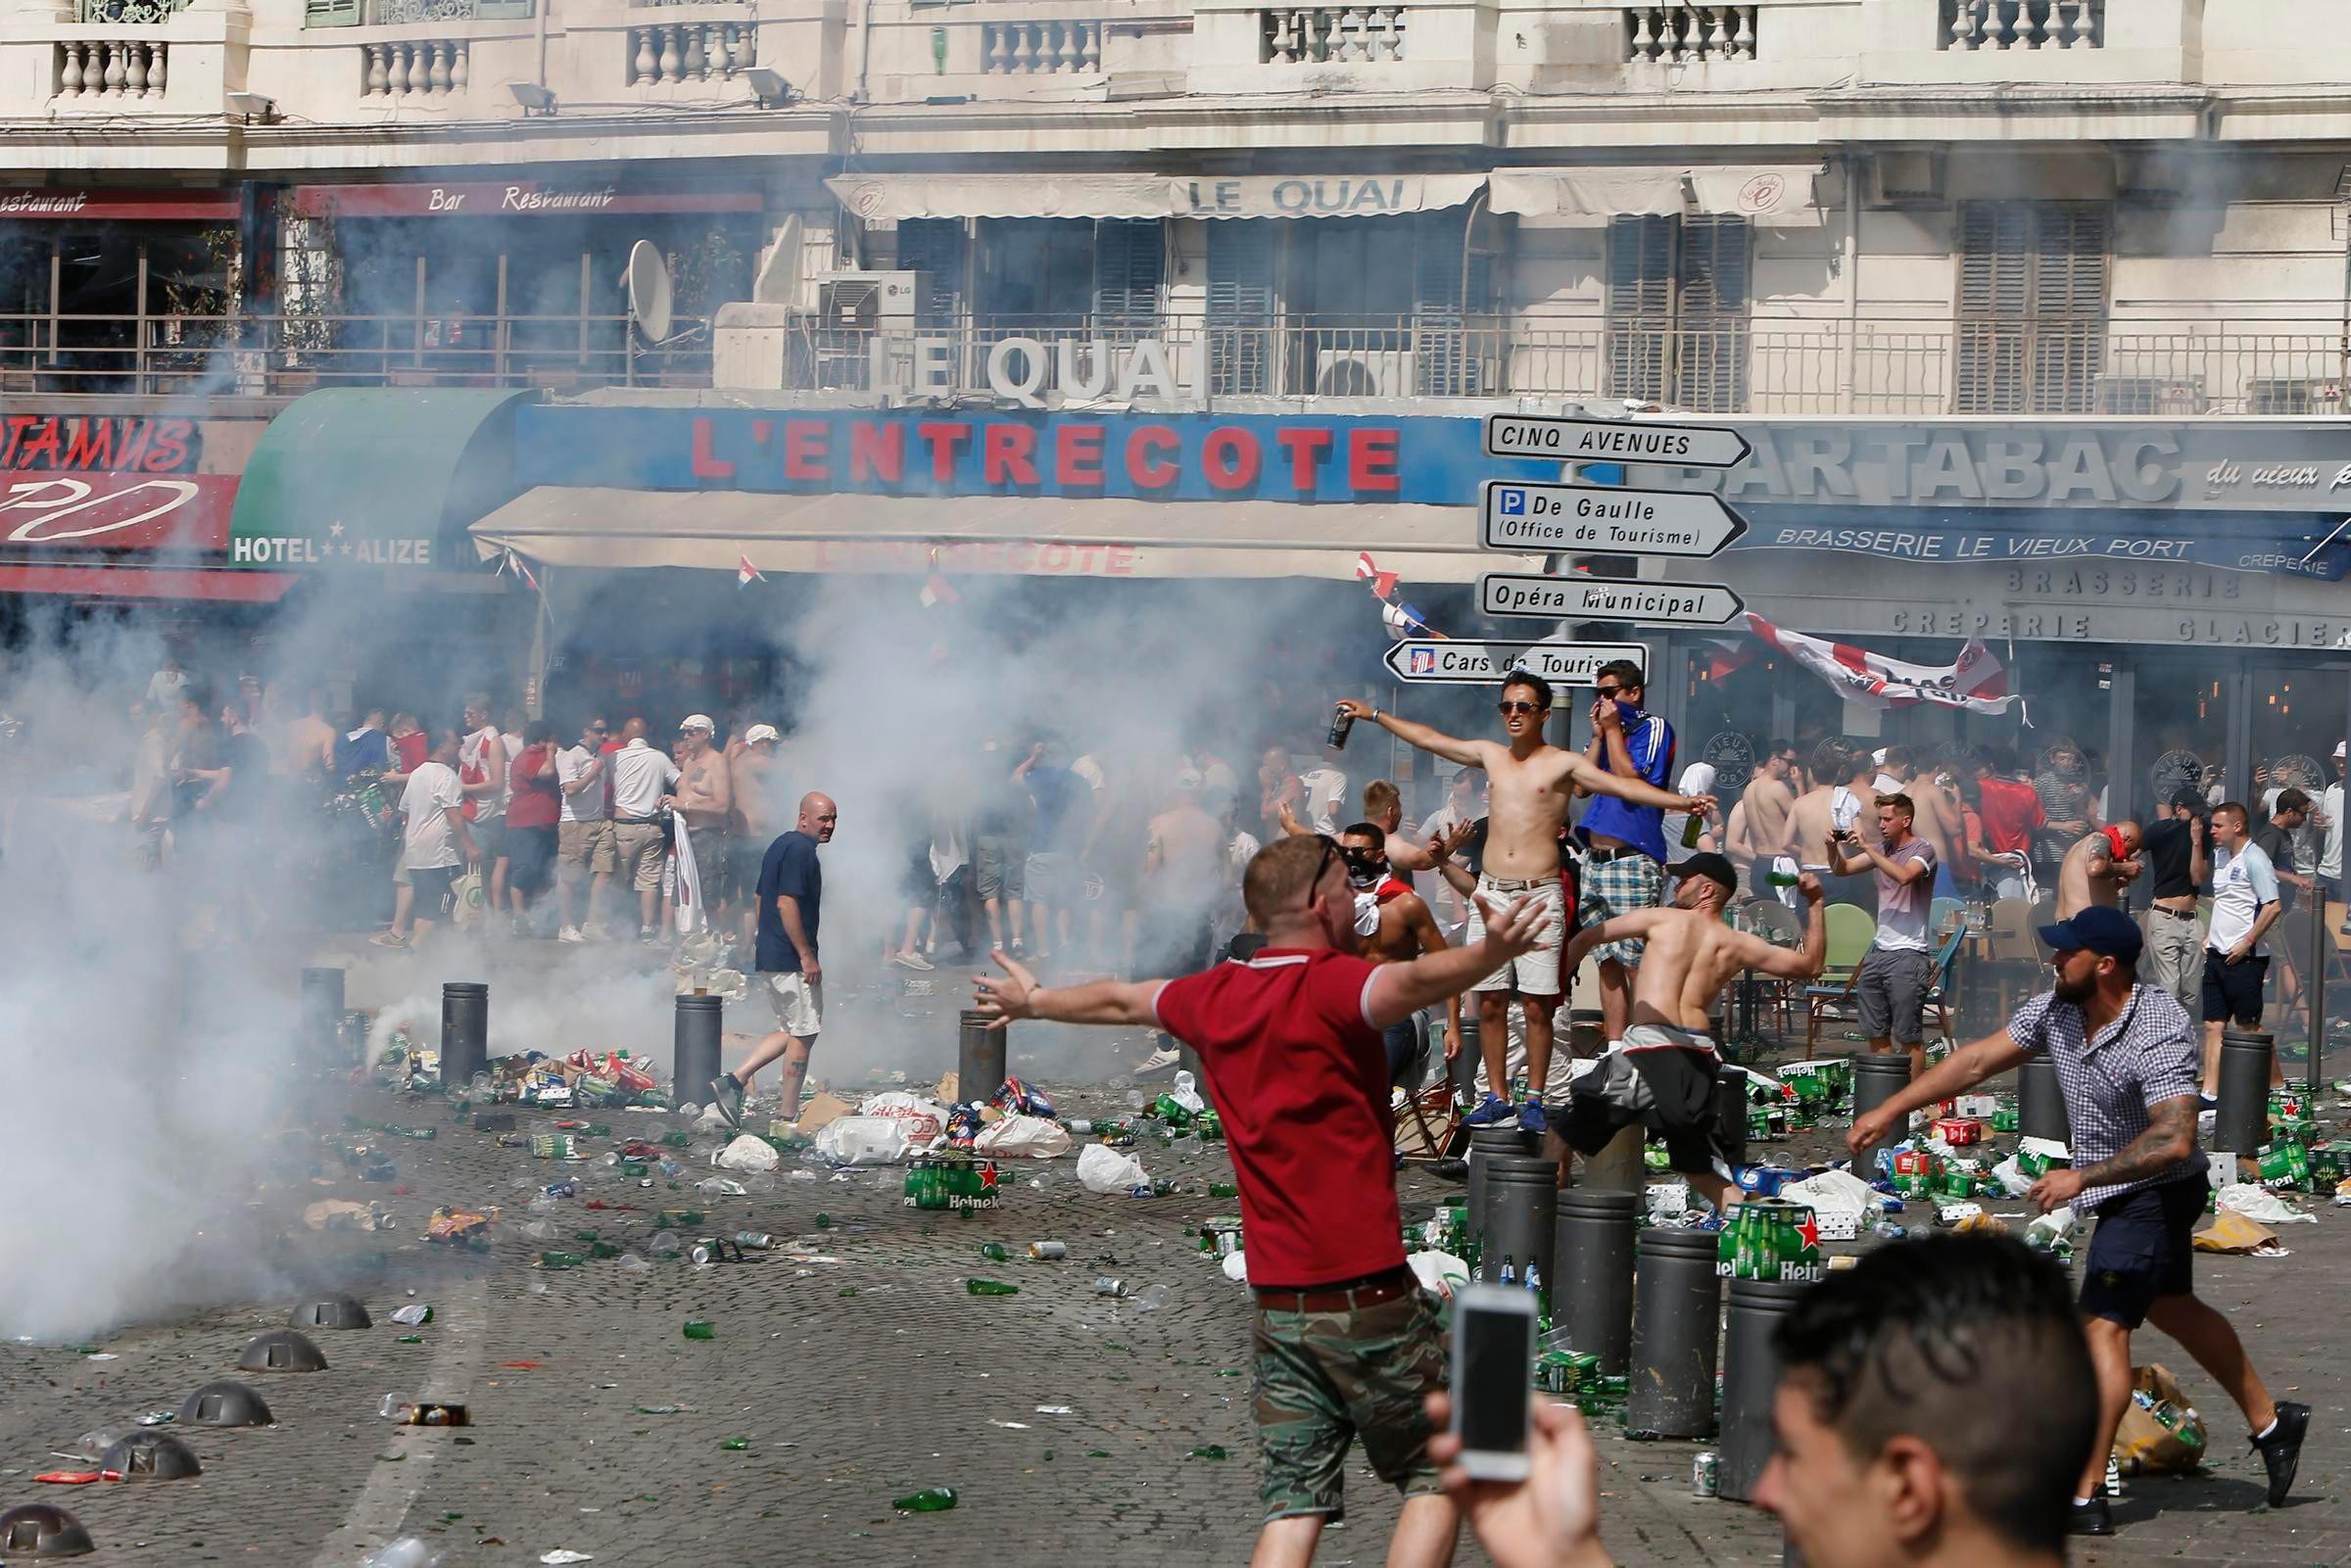 Les hooligans surexcités  gâchent la fête